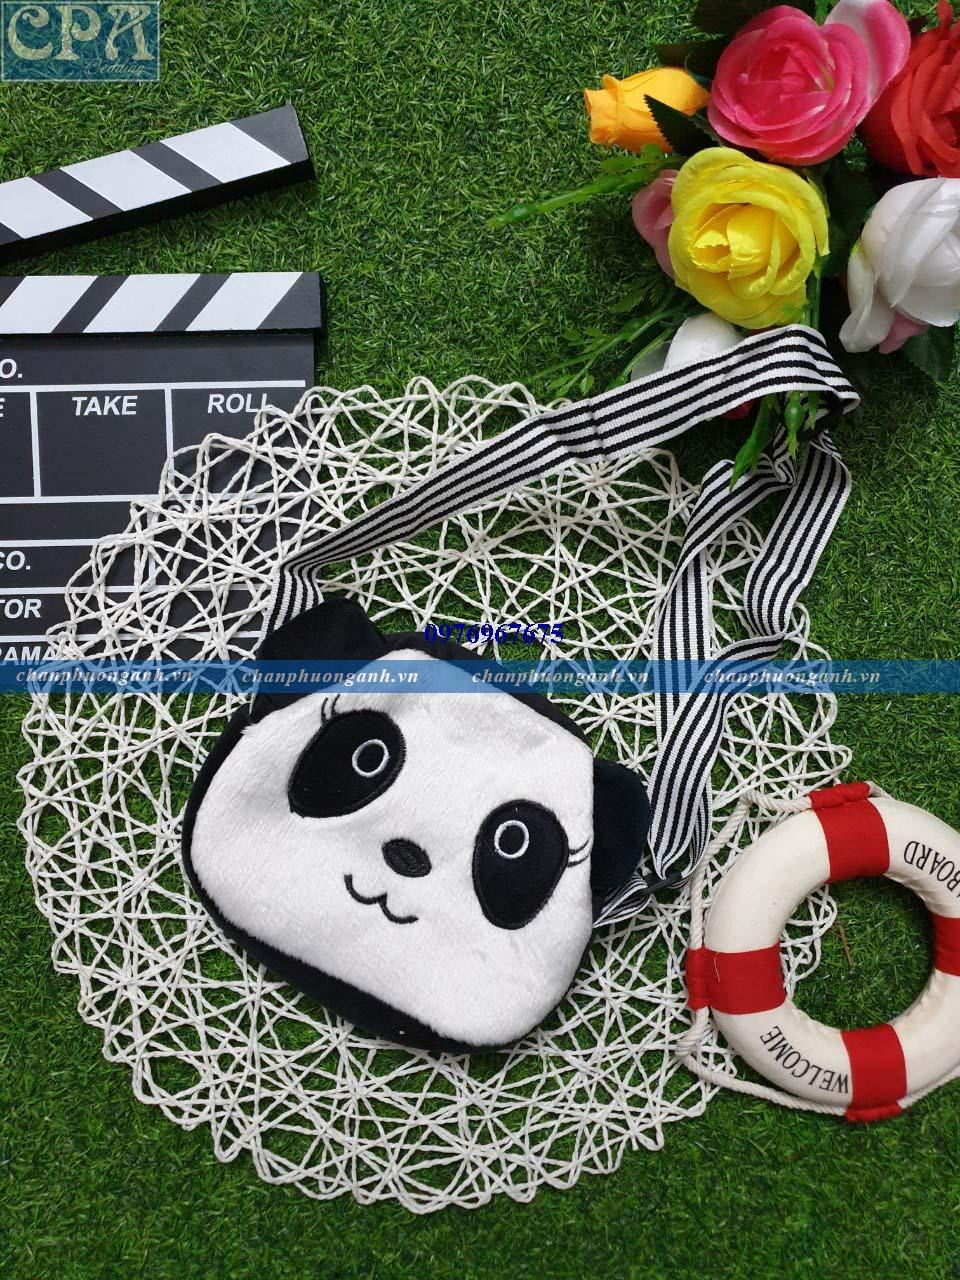 Ví đeo chéo trẻ em - gấu trúc Panda